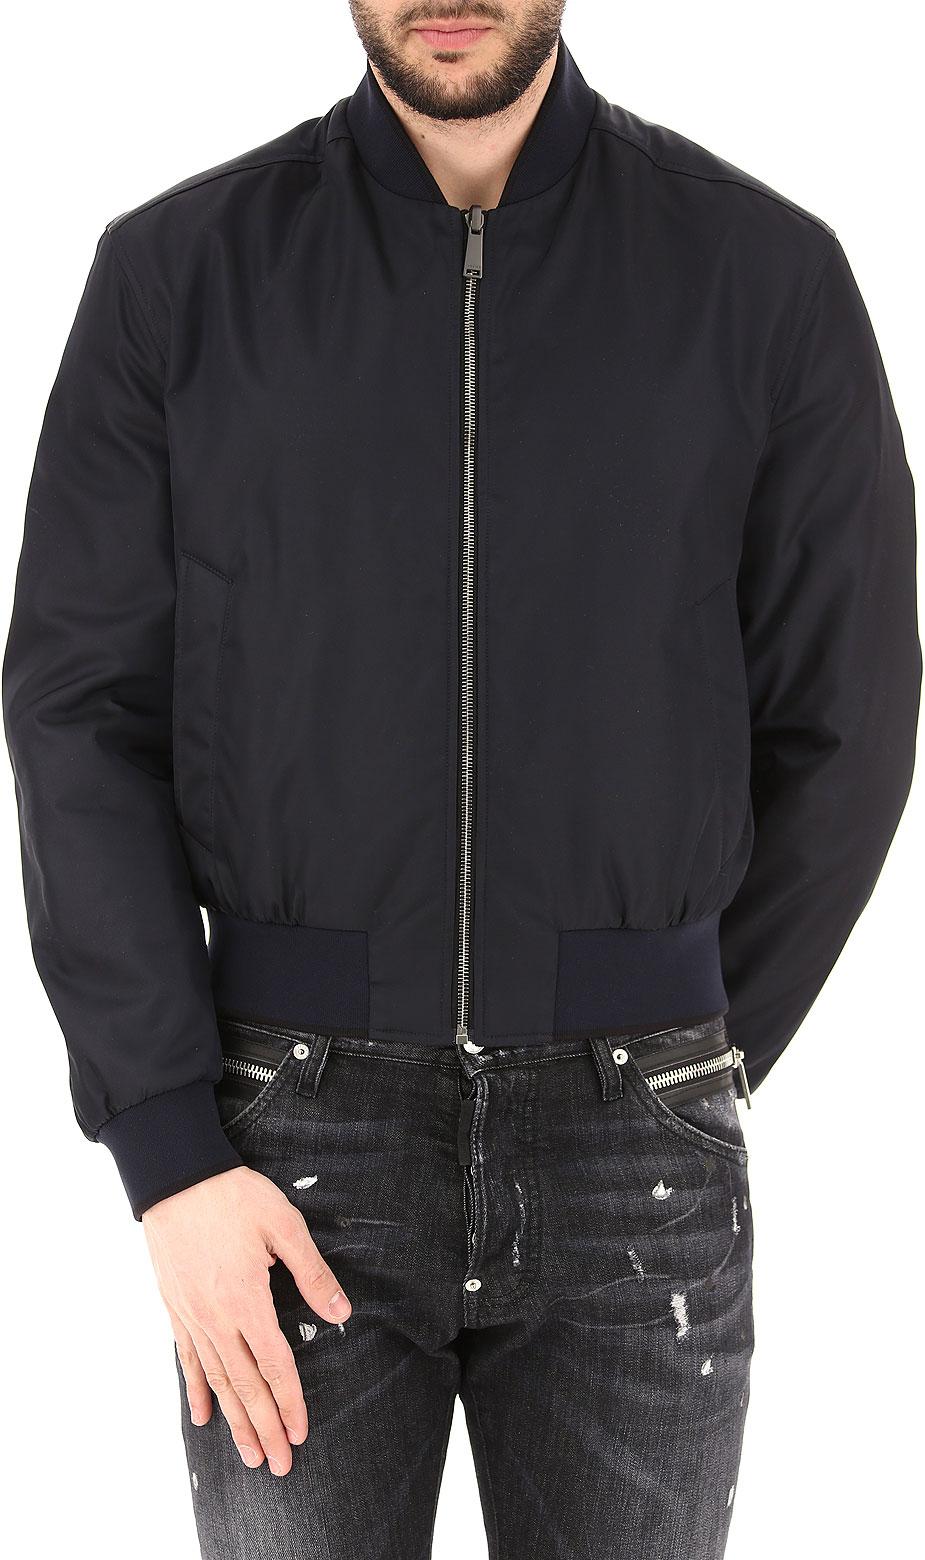 Abbigliamento Uomo Versace Codice Articolo A78308-a224537-a72n